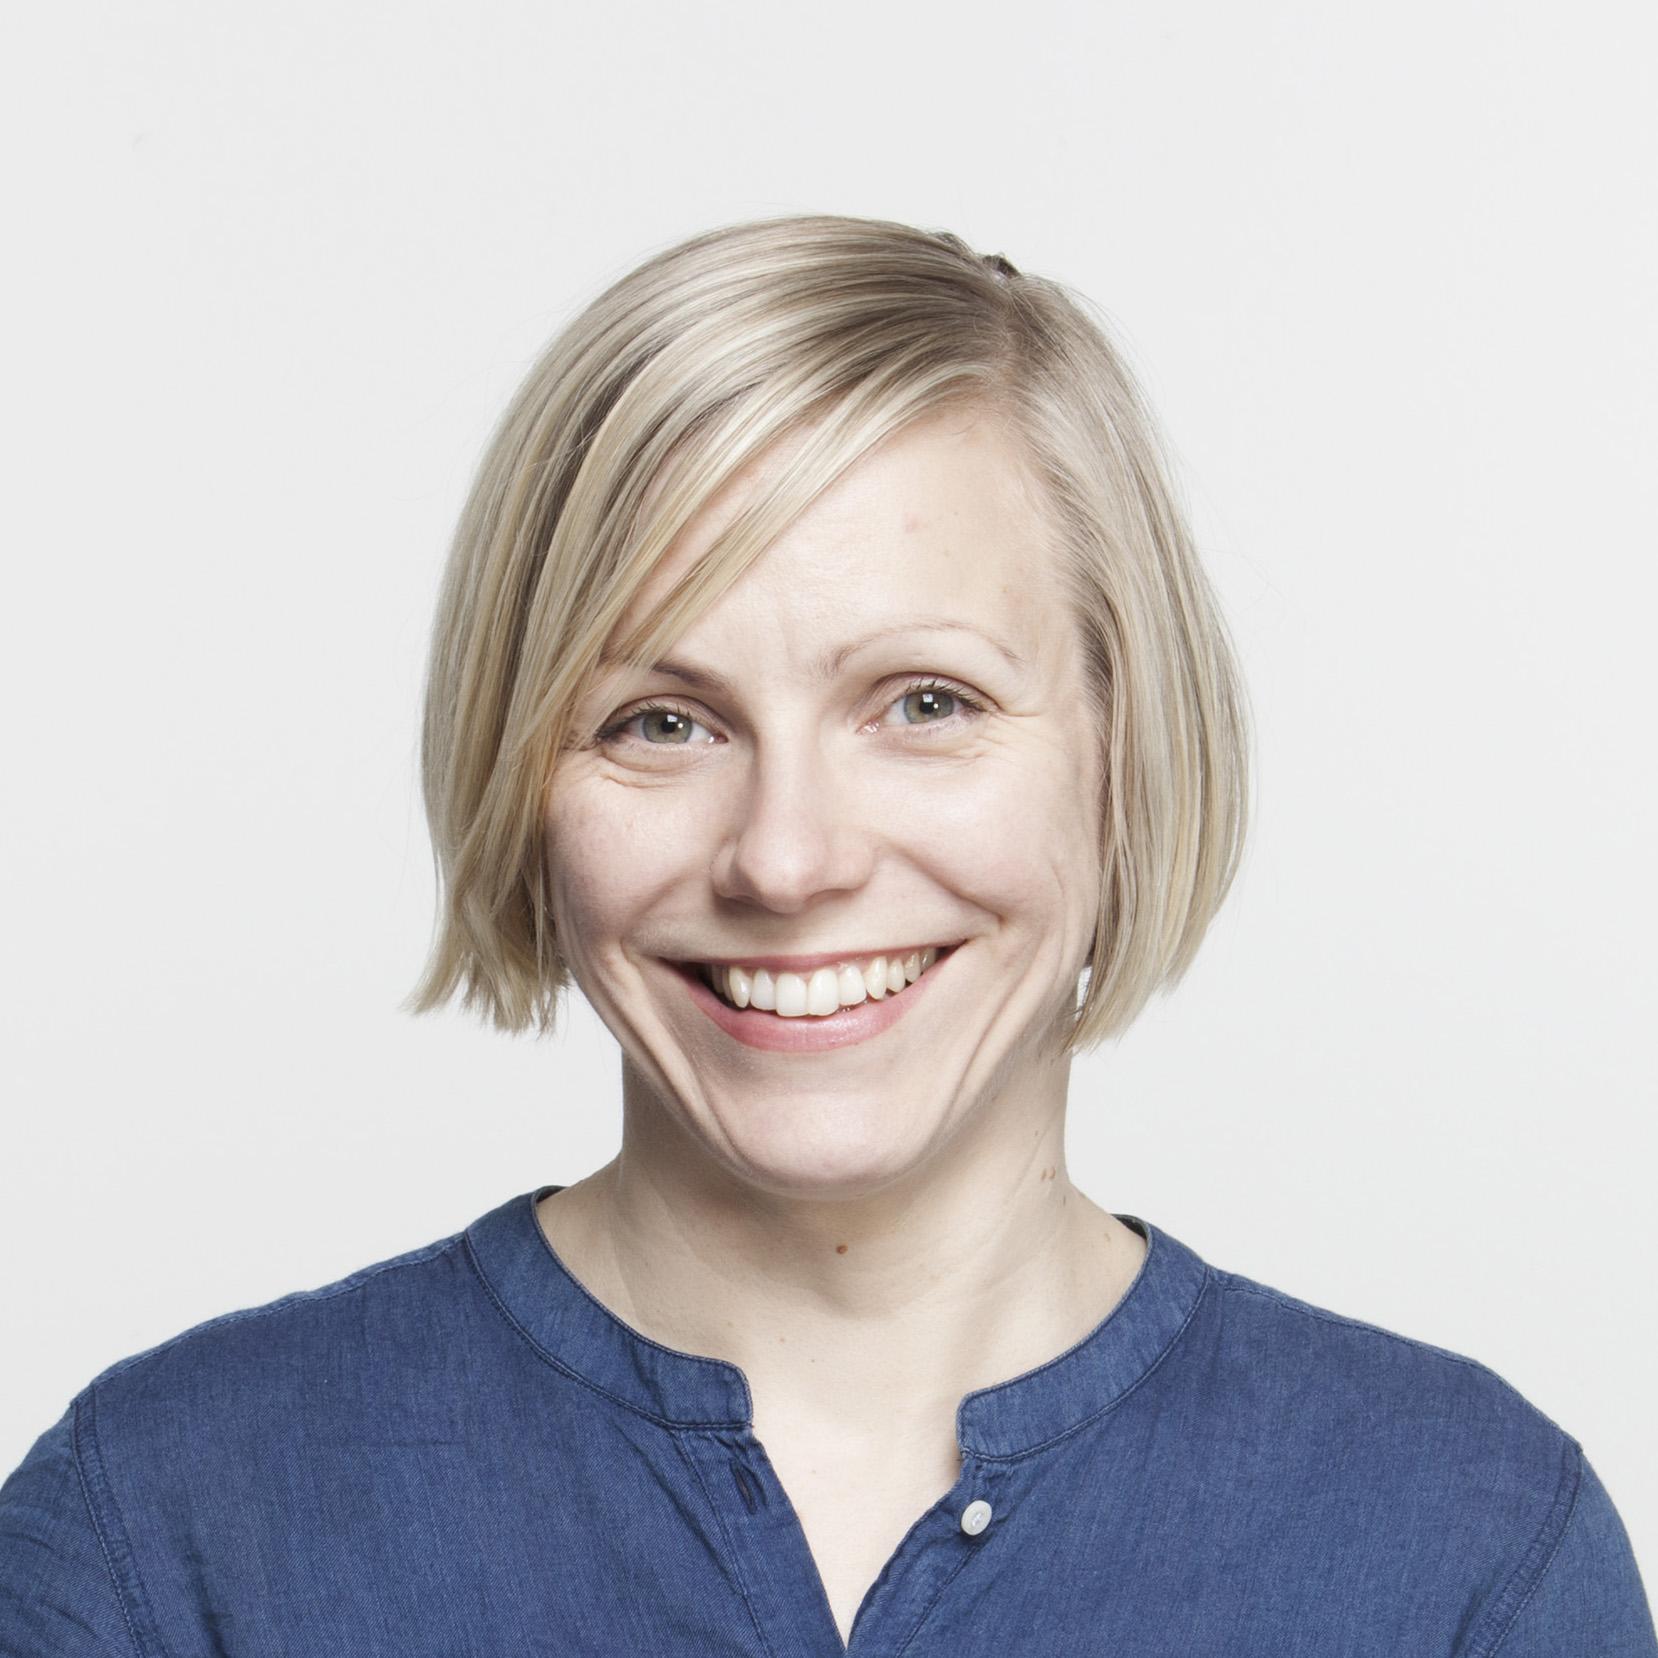 Sanna Hirvonen, Senior Planning Officer al Kiasma Museum of Contemporary Art di Helsinki